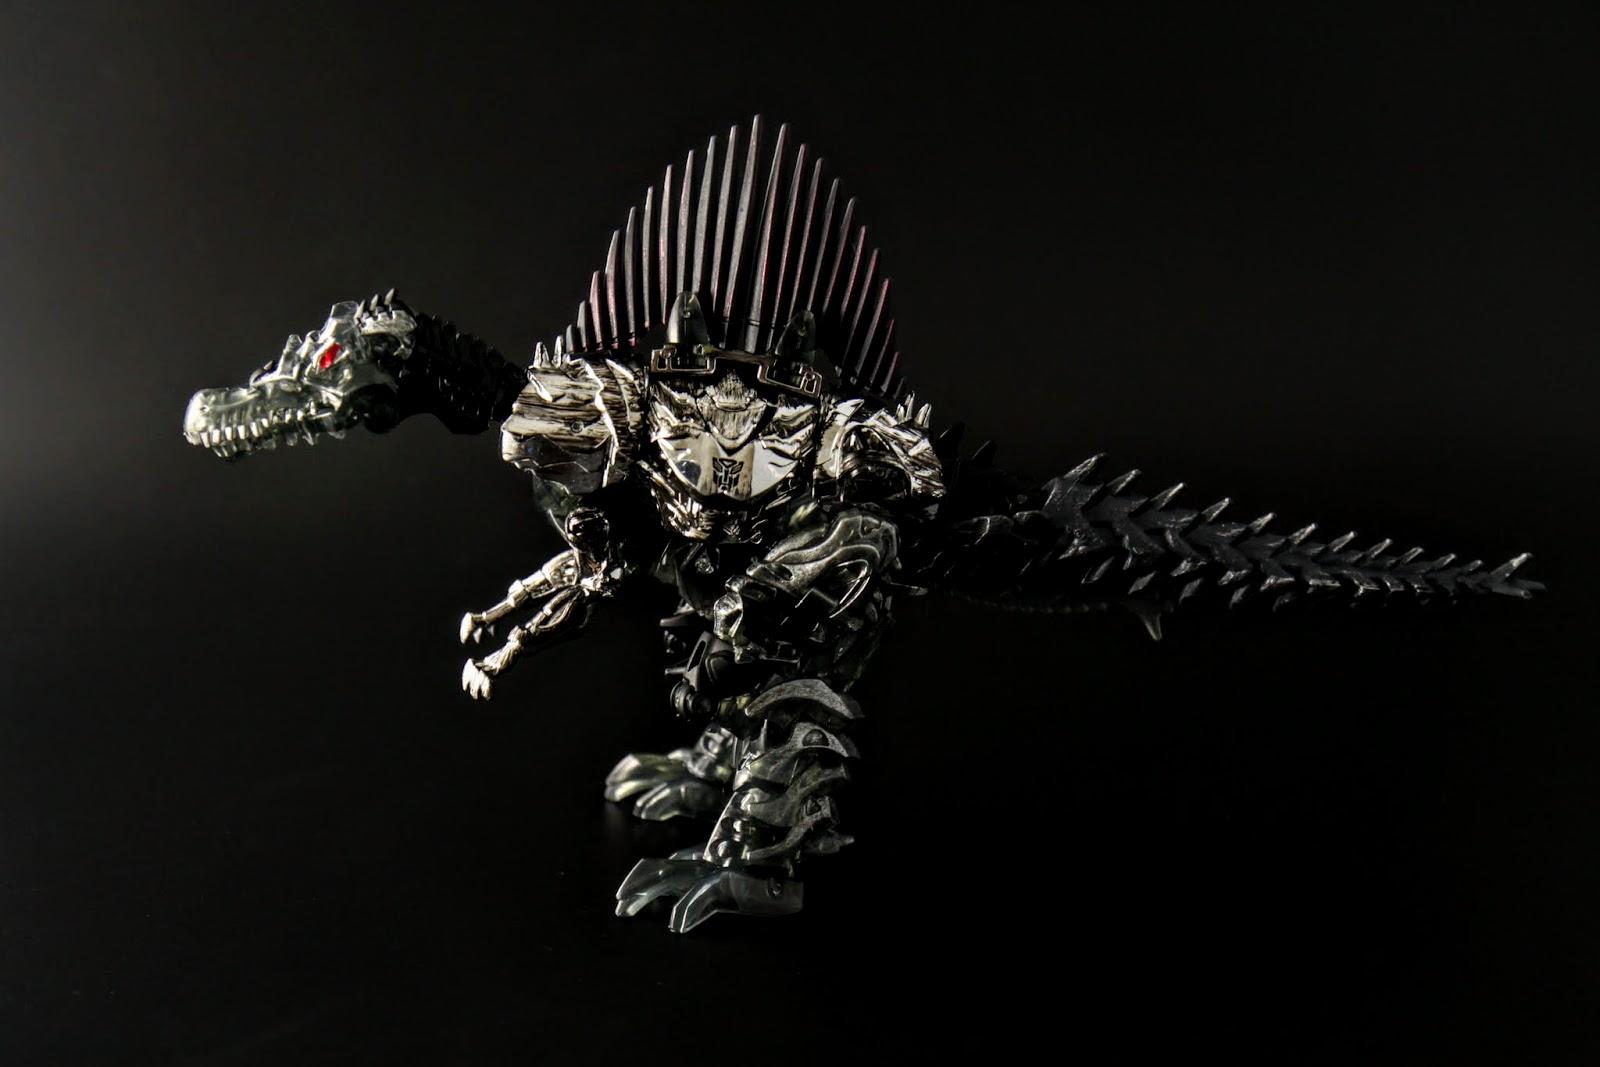 話說棘龍應該比霸王龍再更大隻